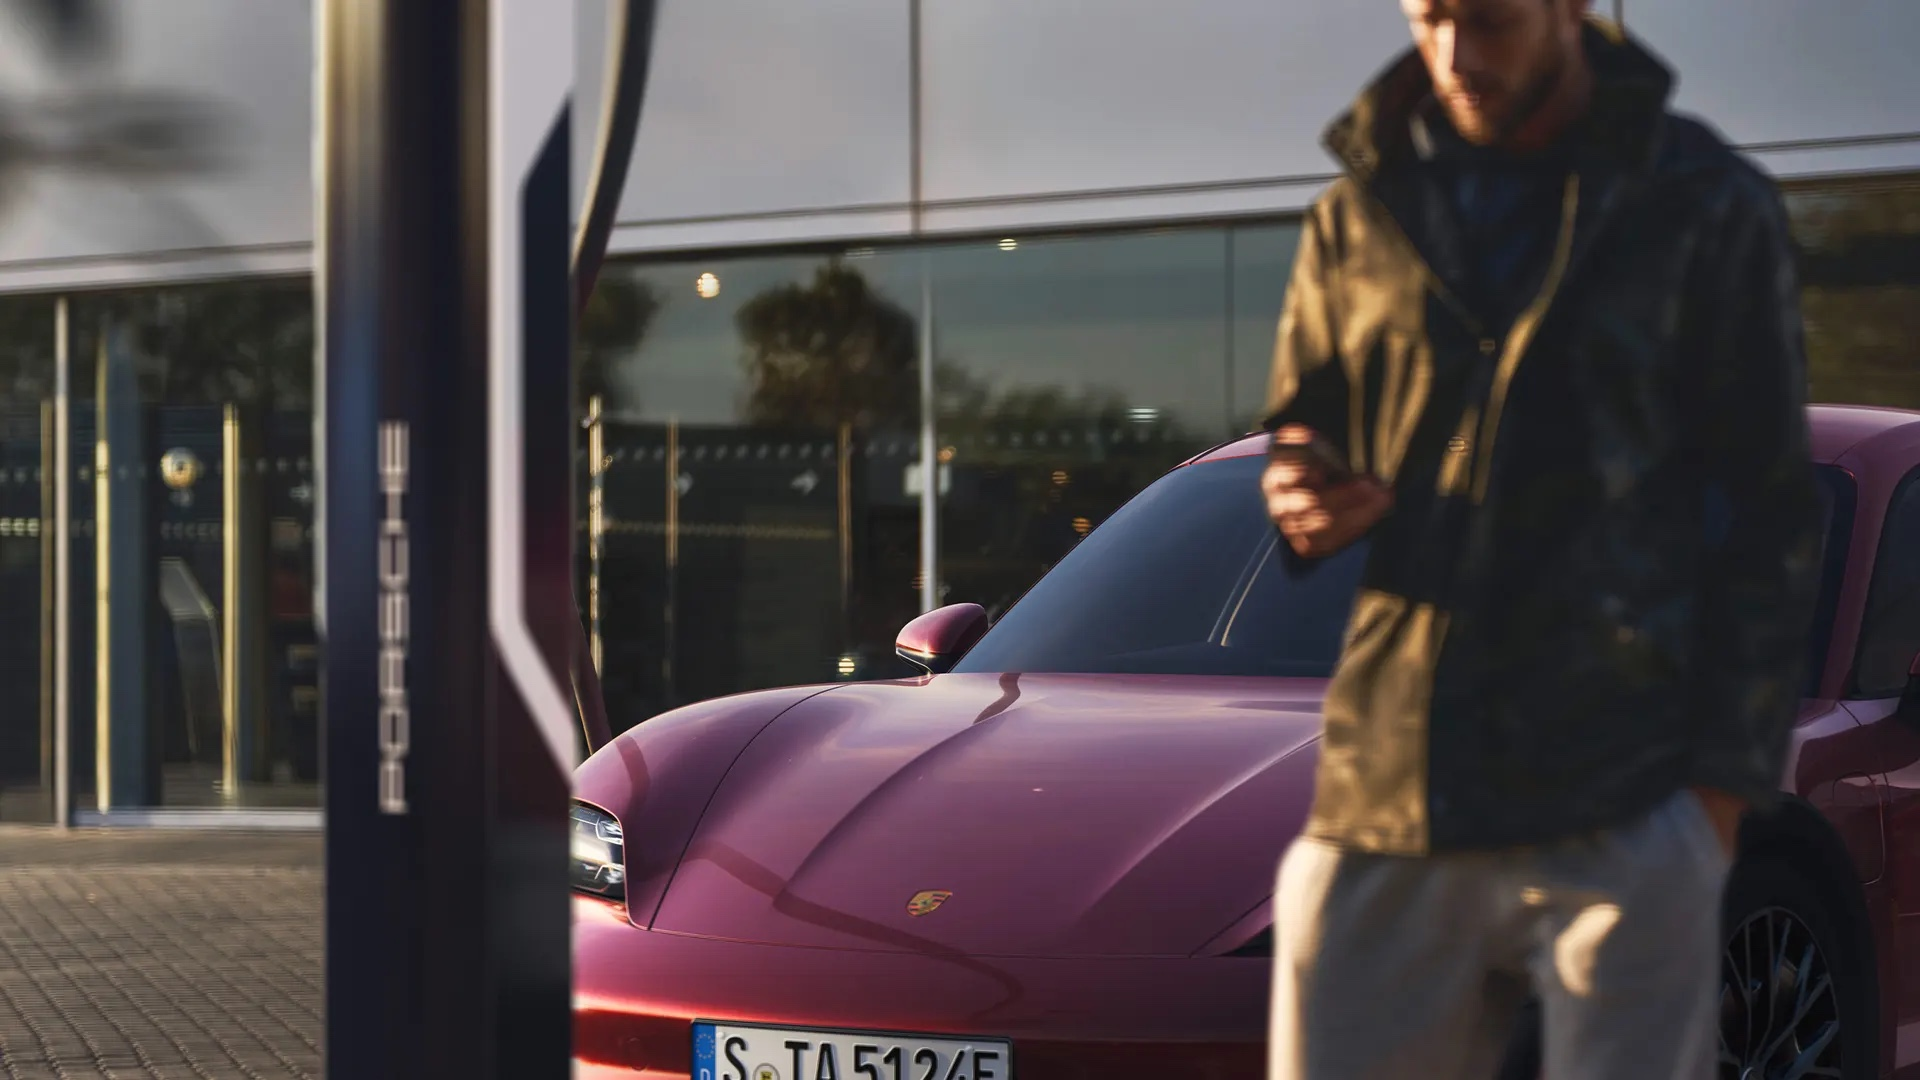 Mies katsoo kännykkää sähköauton latauspisteellä Taycan Cross Turismon edessä.